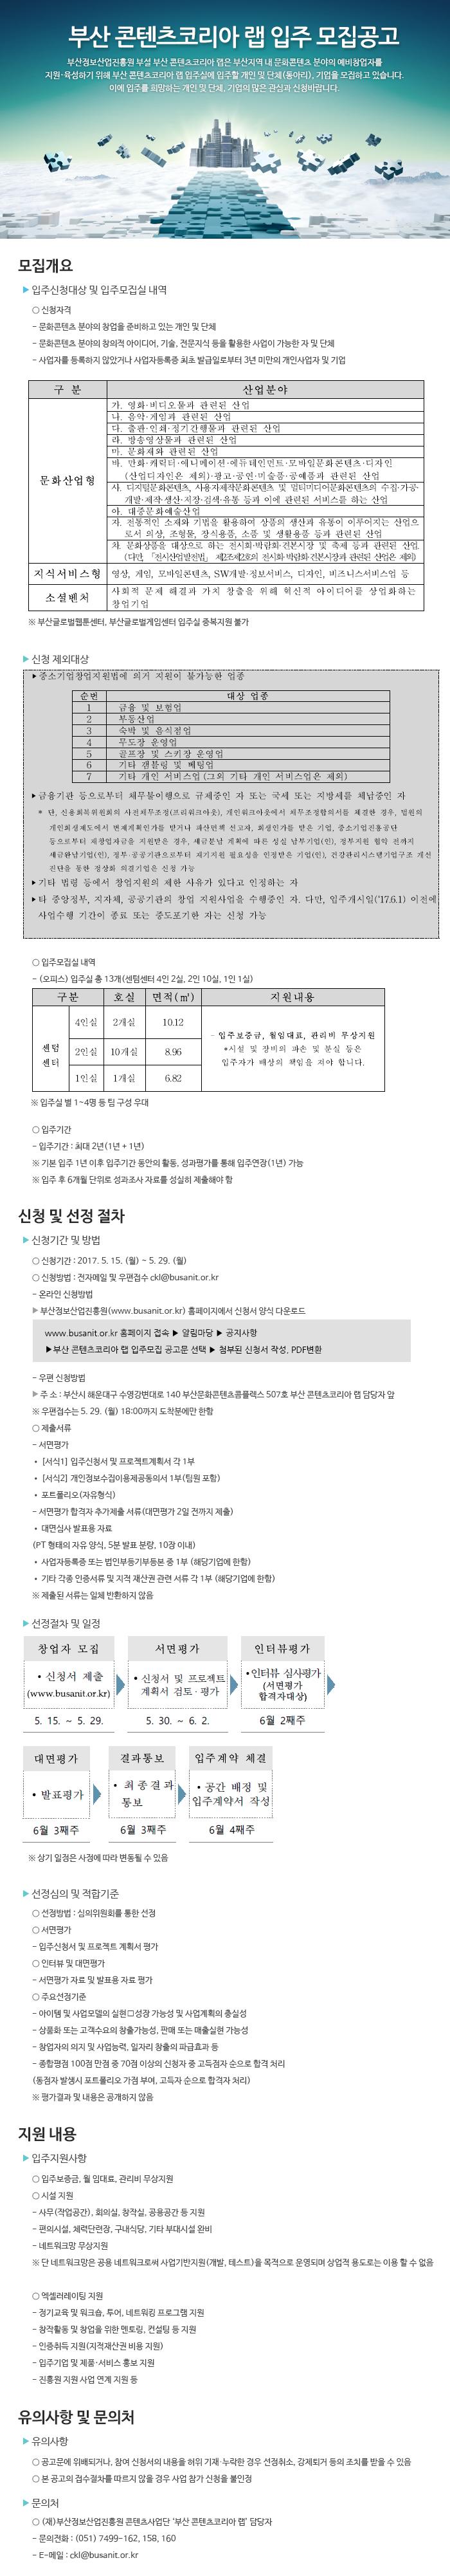 2017년 부산 콘텐츠코리아 랩 입주 모집공고